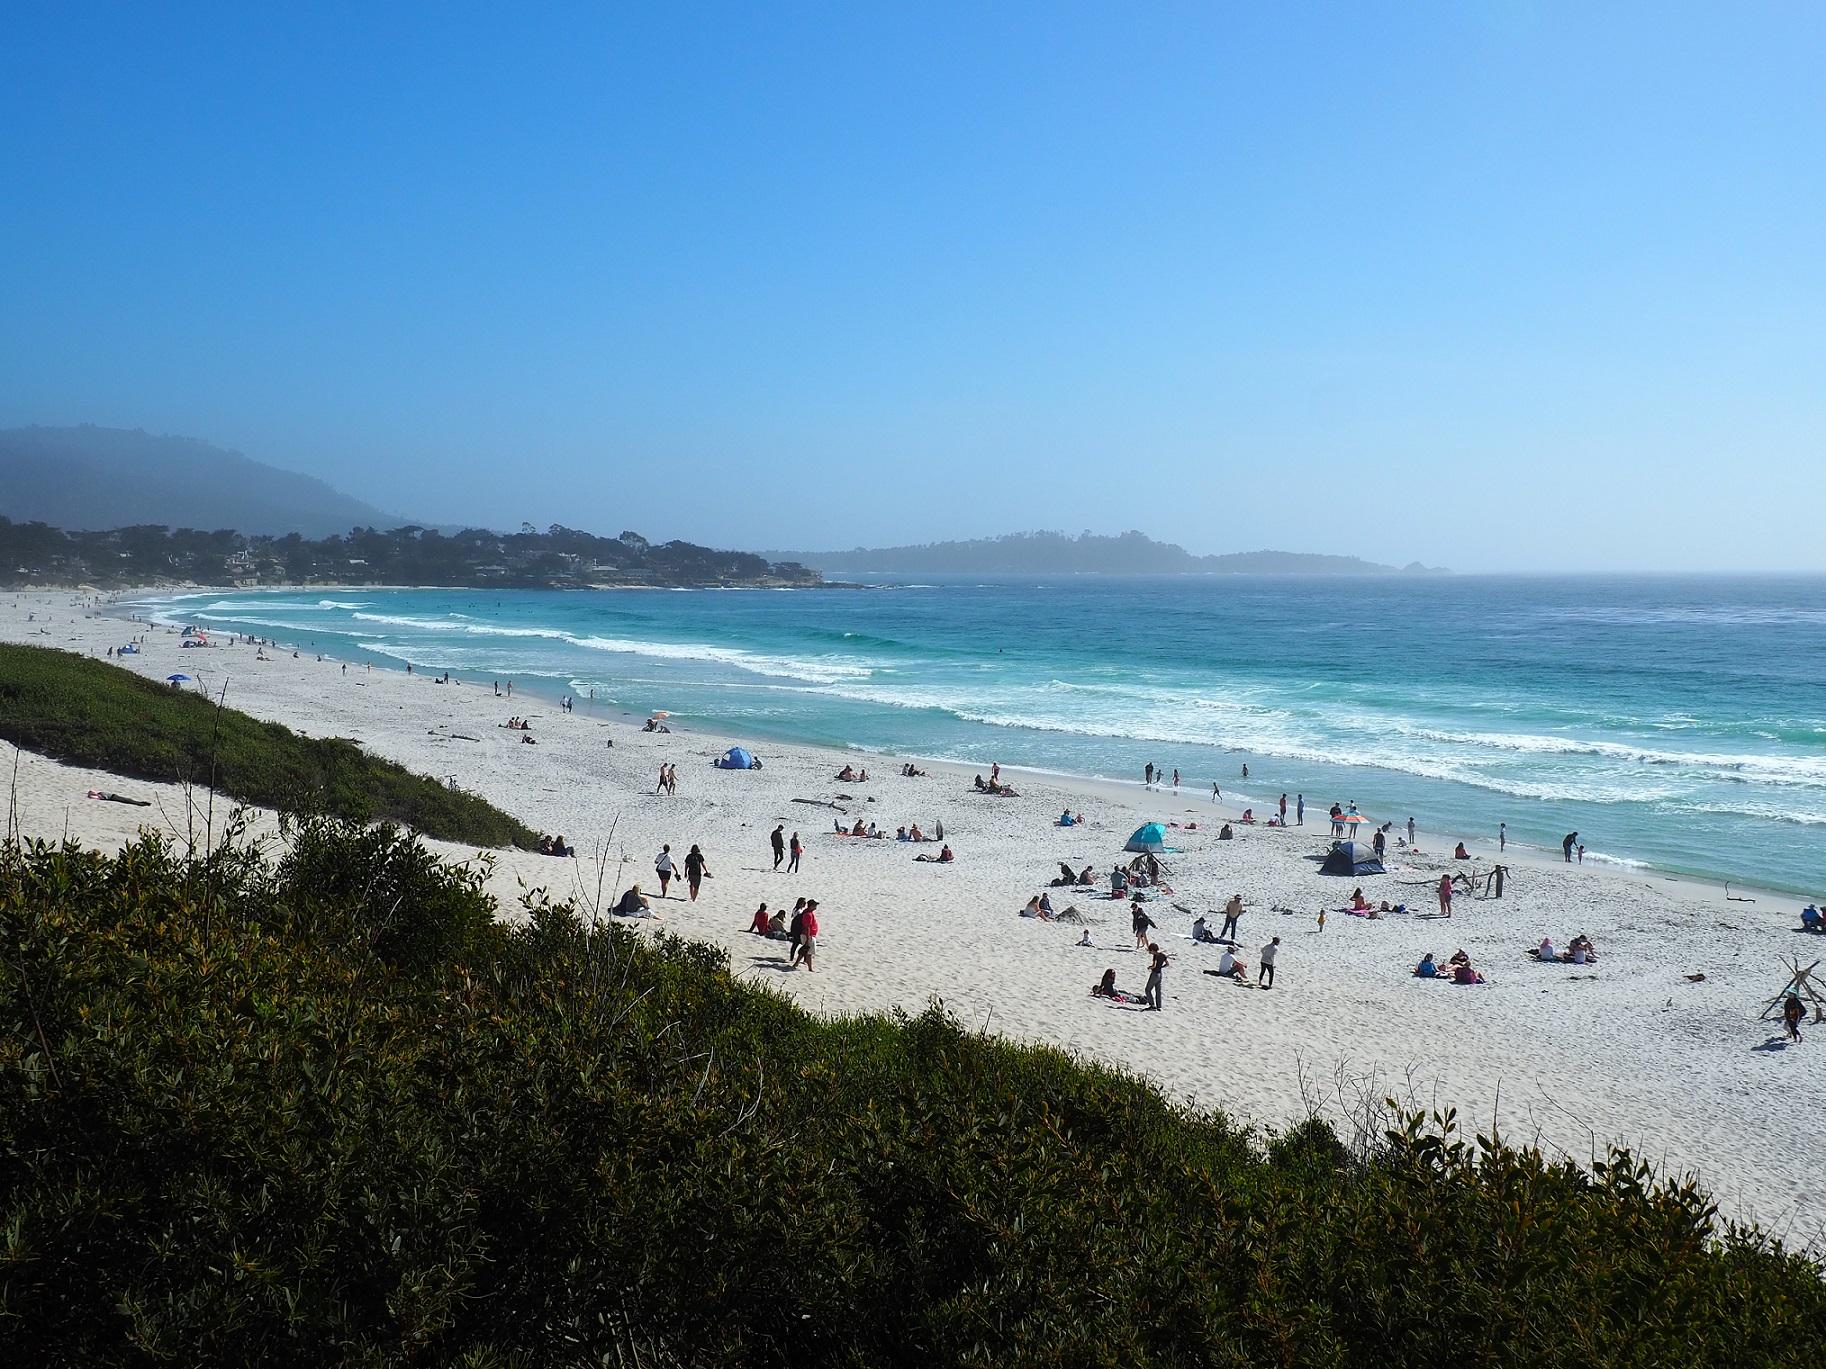 Plage de sable blanc à Carmel-by-the-Sea le long de la Highway 1 en Californie